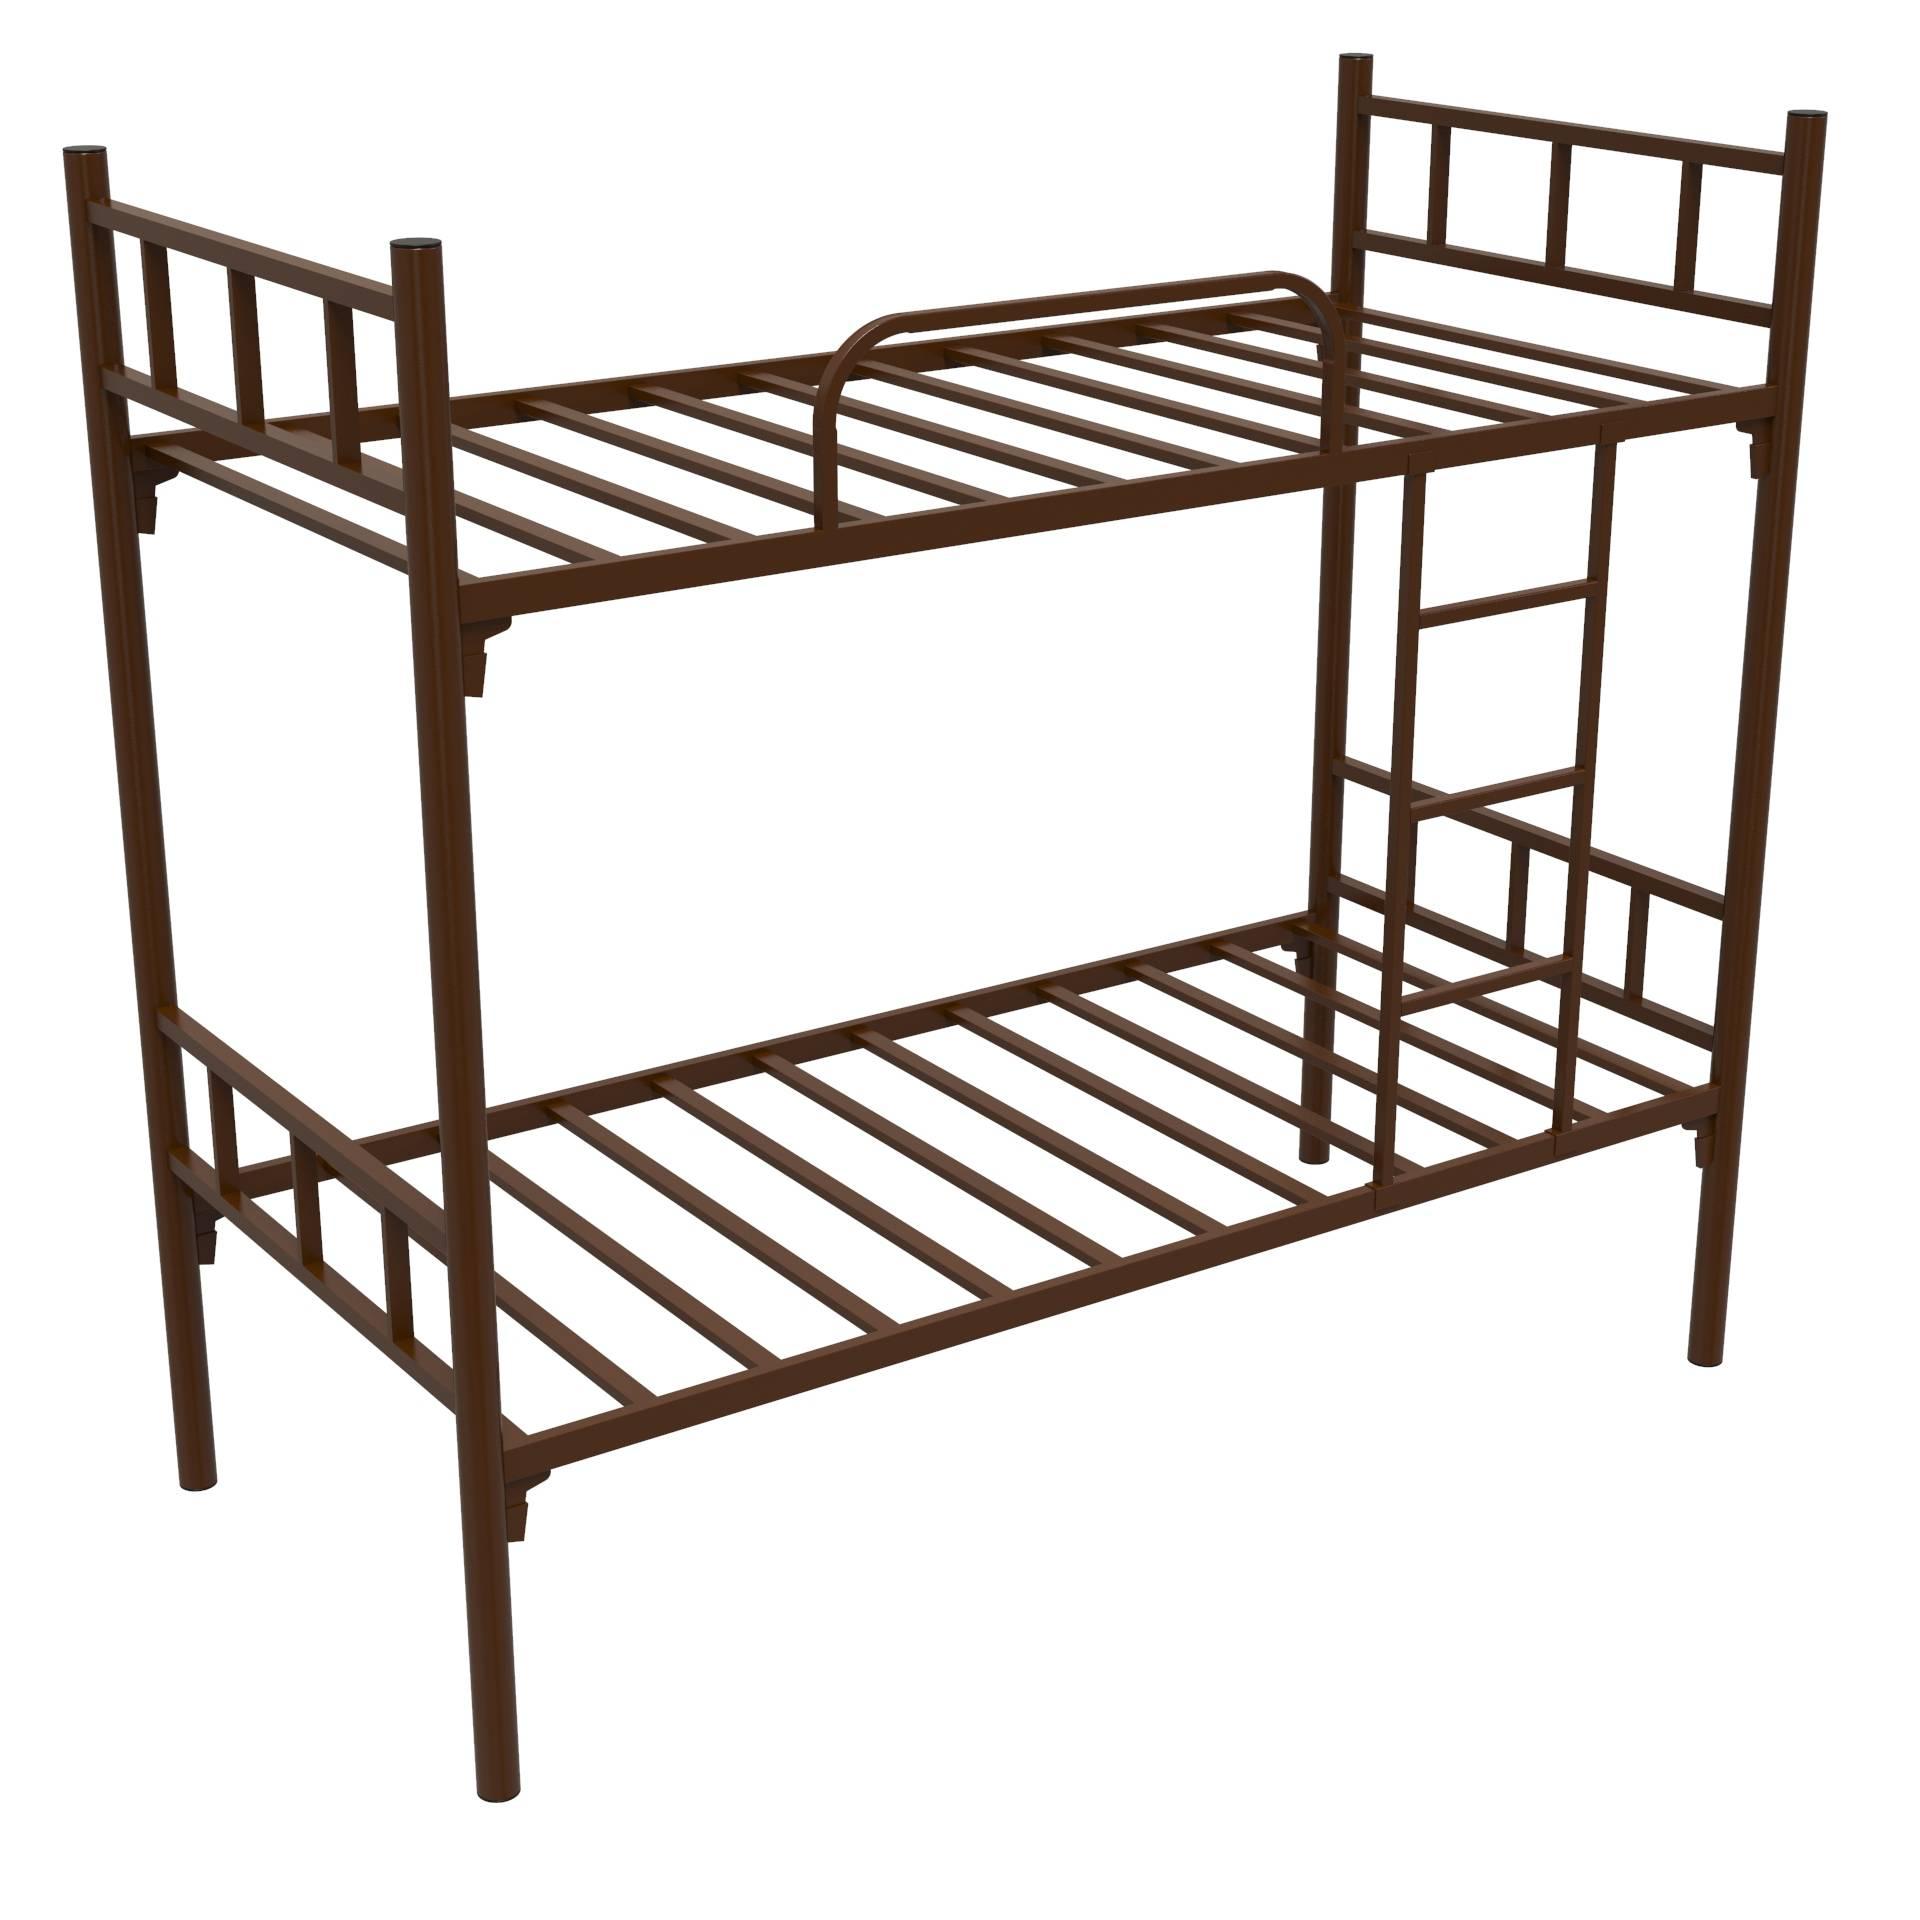 Железные двухъярусные кровати в картинках